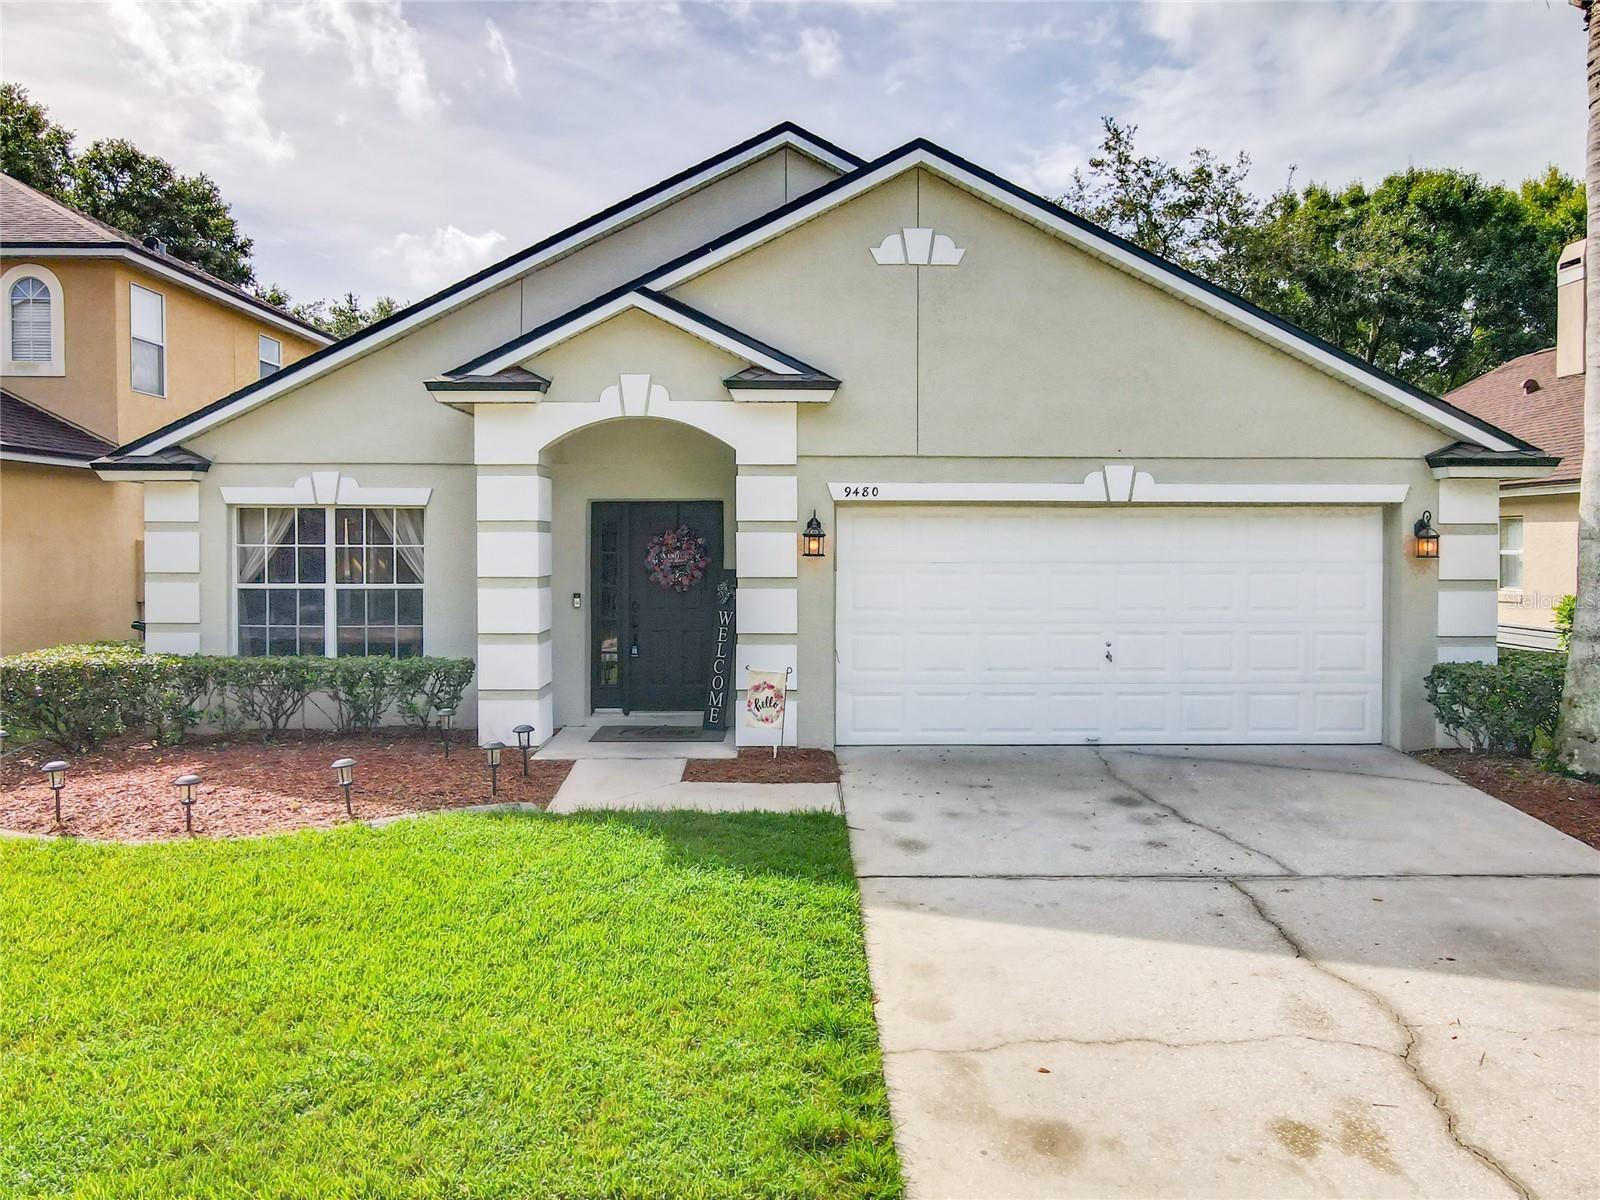 9480 SOUTHERN GARDEN CIRCLE, Altamonte Springs, FL 32714 - #: O5965941